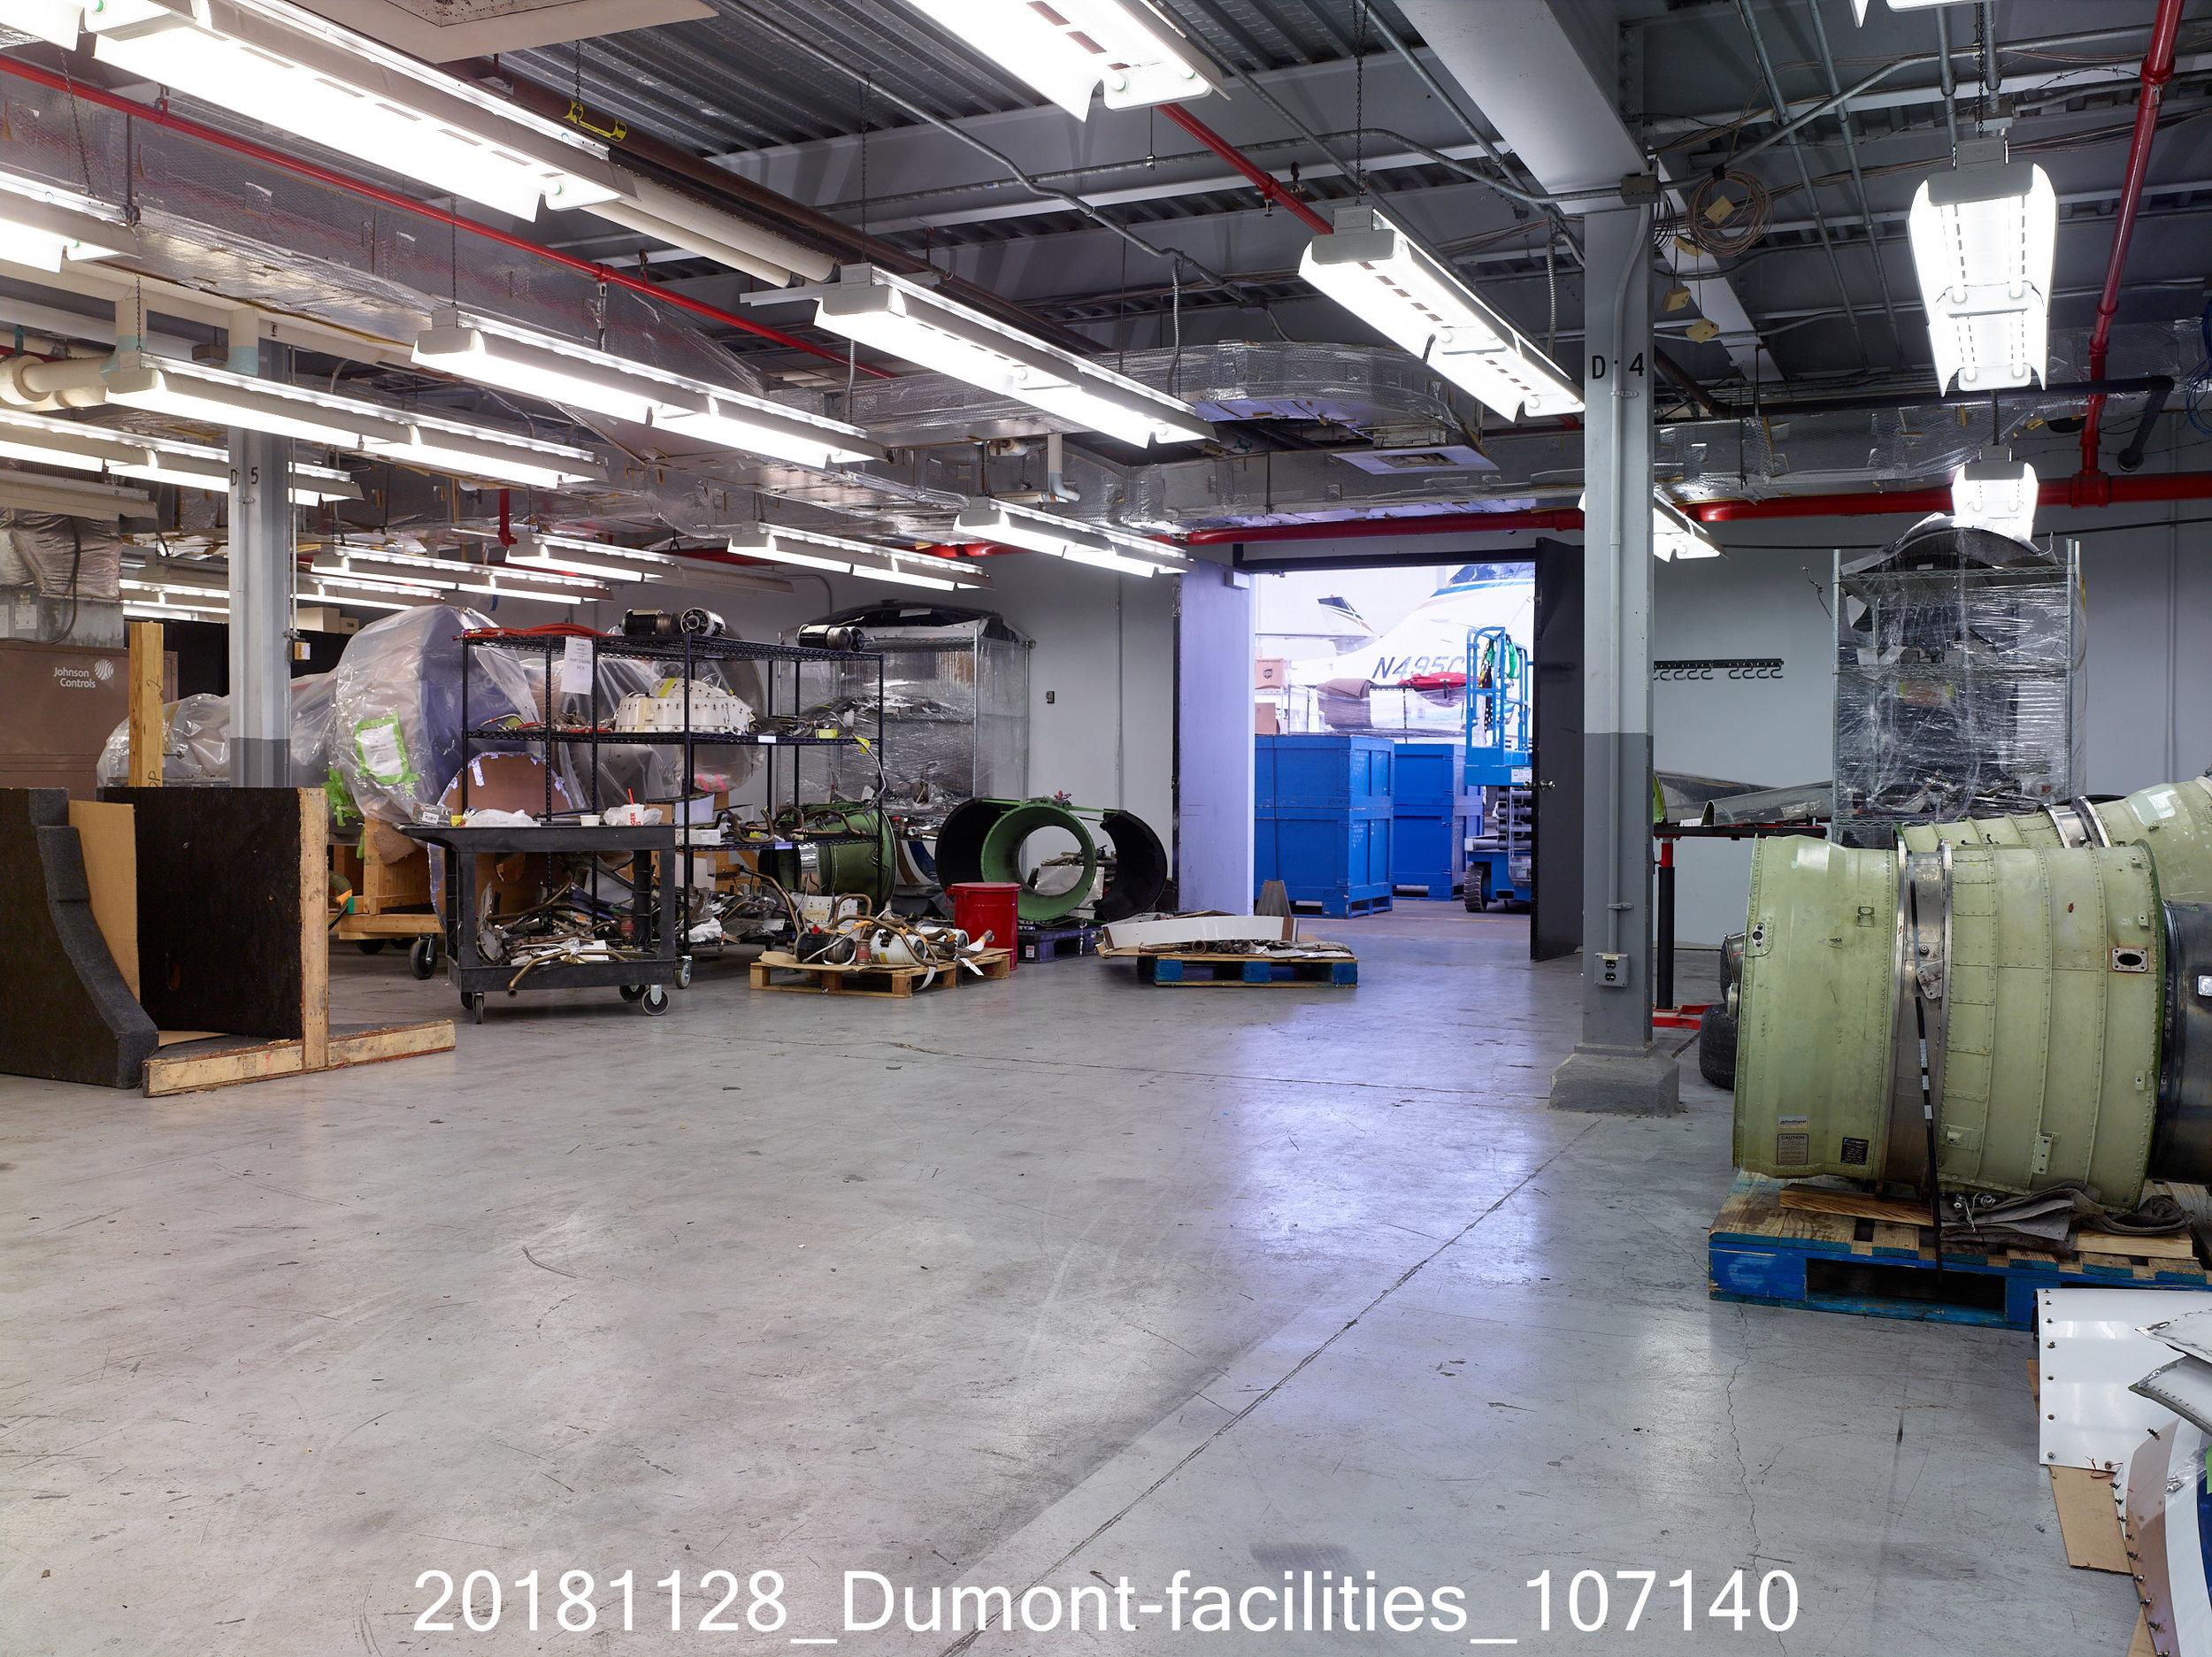 20181128_Dumont-facilities_107140.jpg